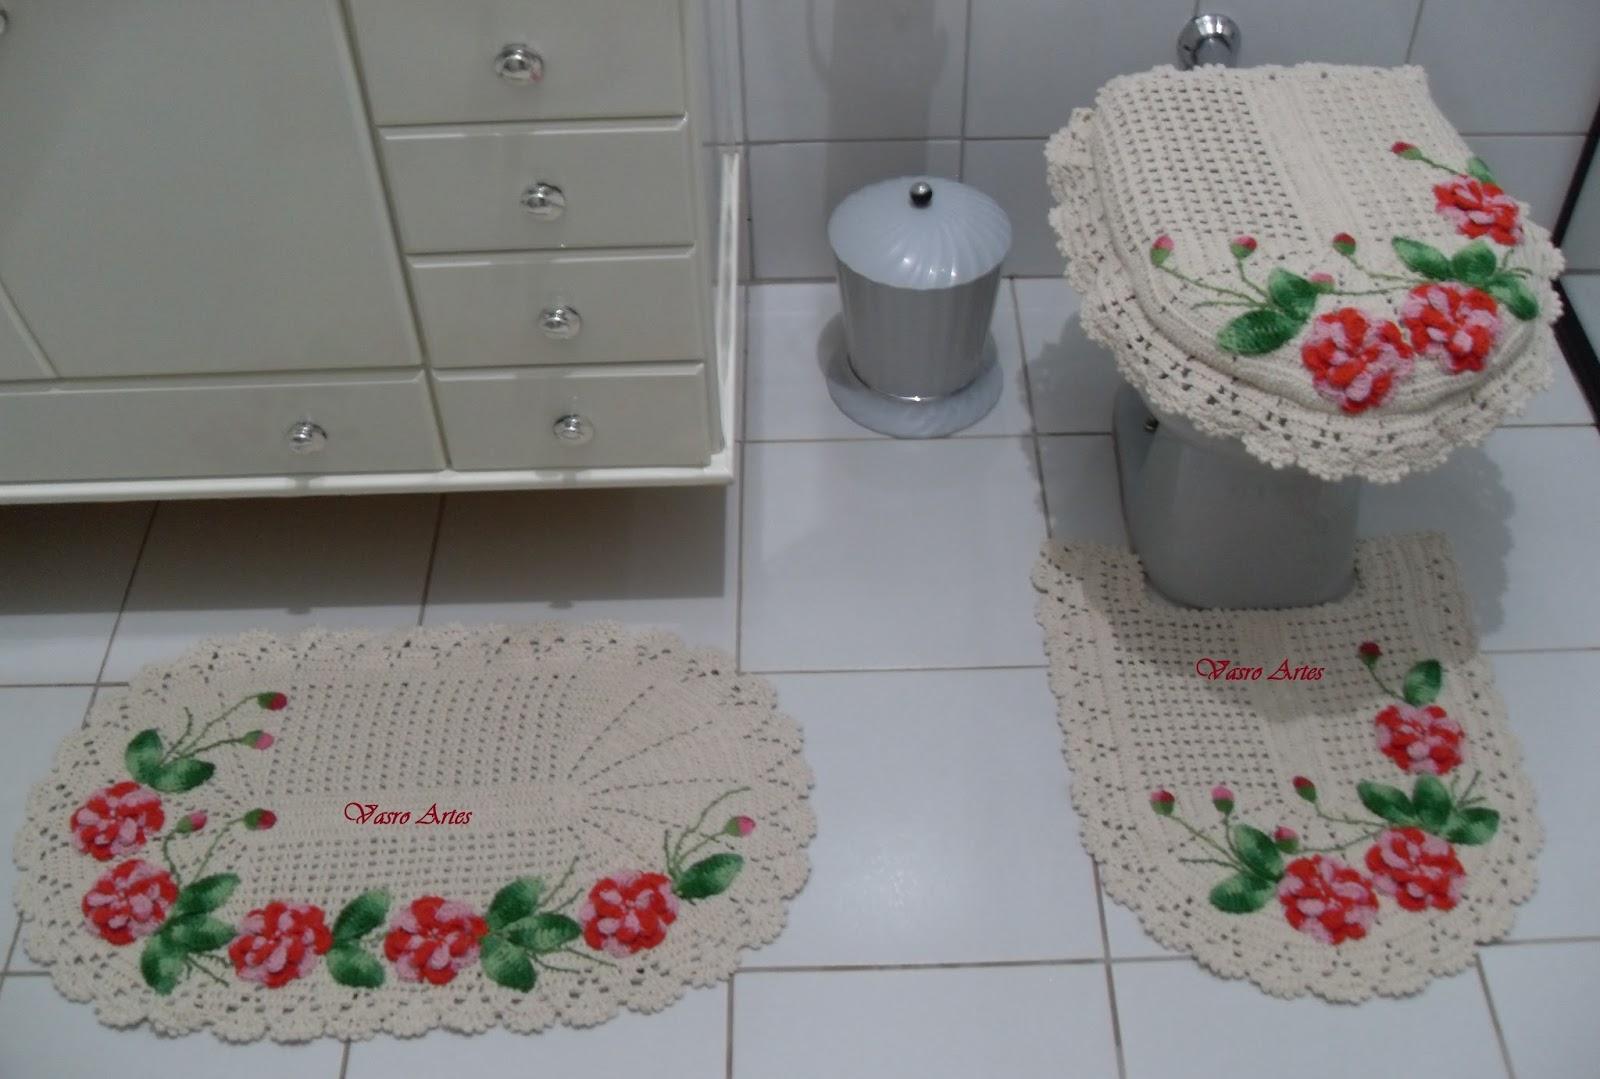 Vasro Artes: Jogo de Tapetes para Banheiro em Crochê Jogo WC Rose #832D2F 1600 1079